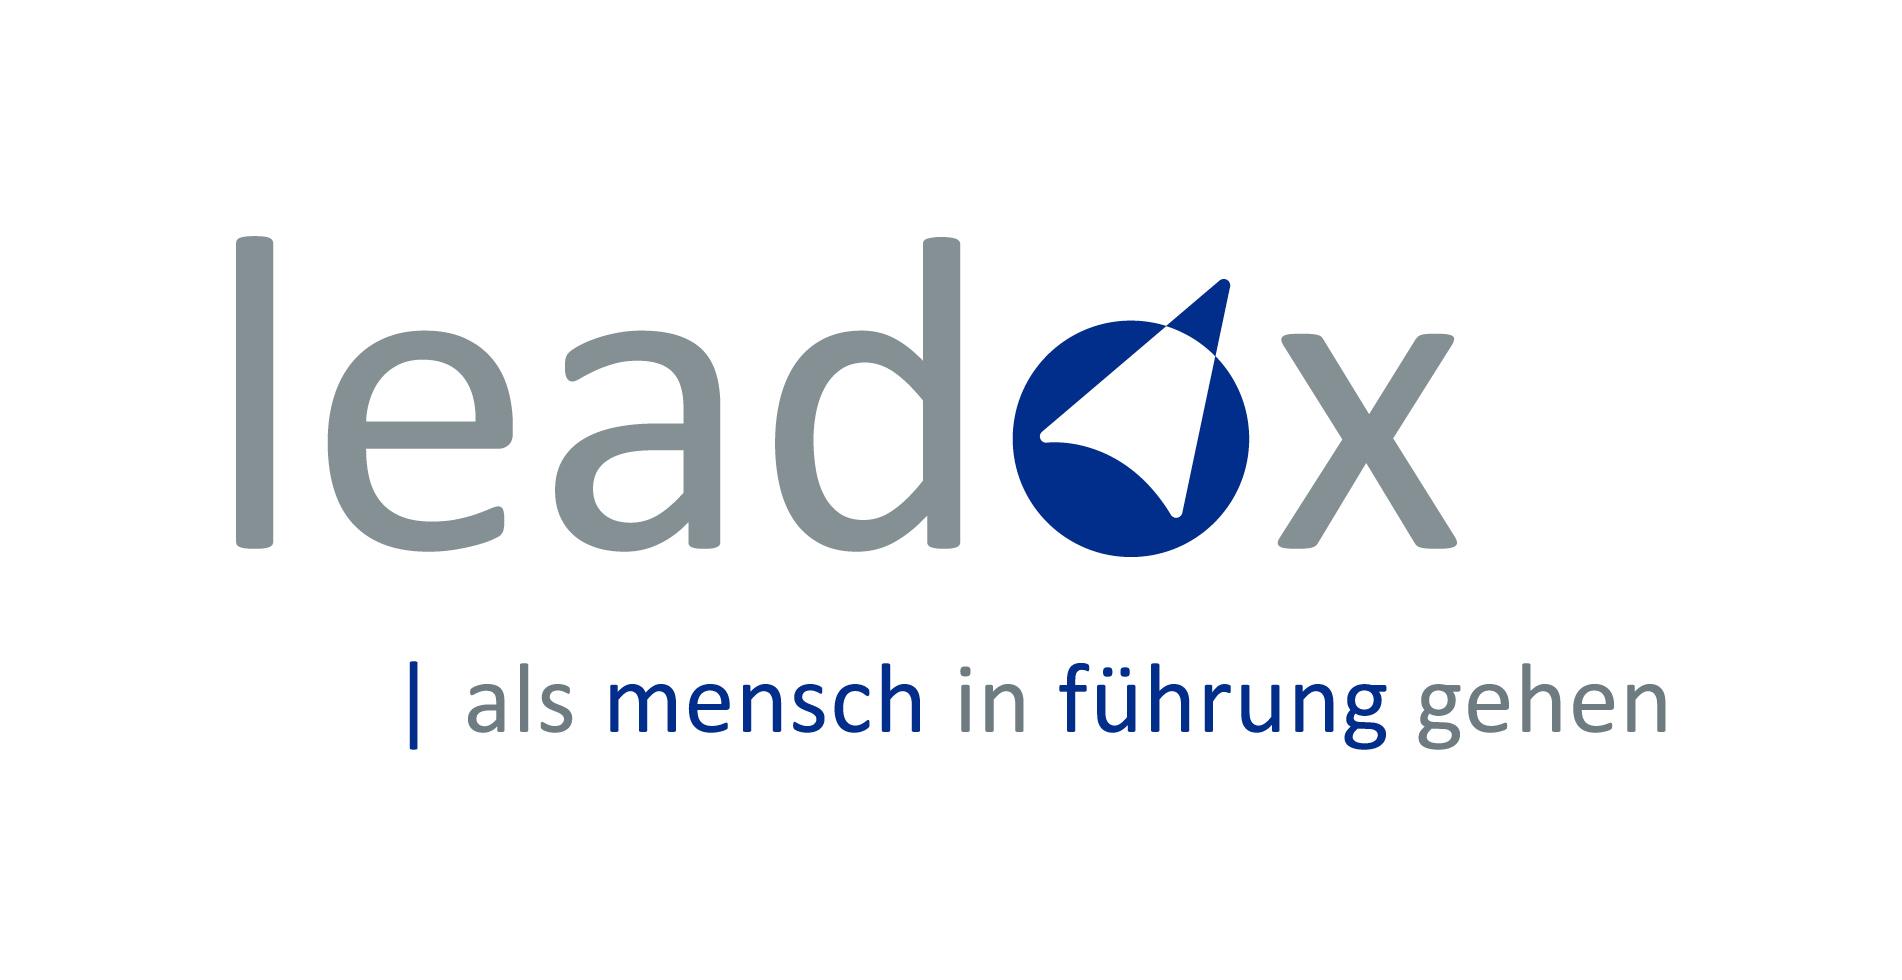 Leadox – als mensch in führung gehen